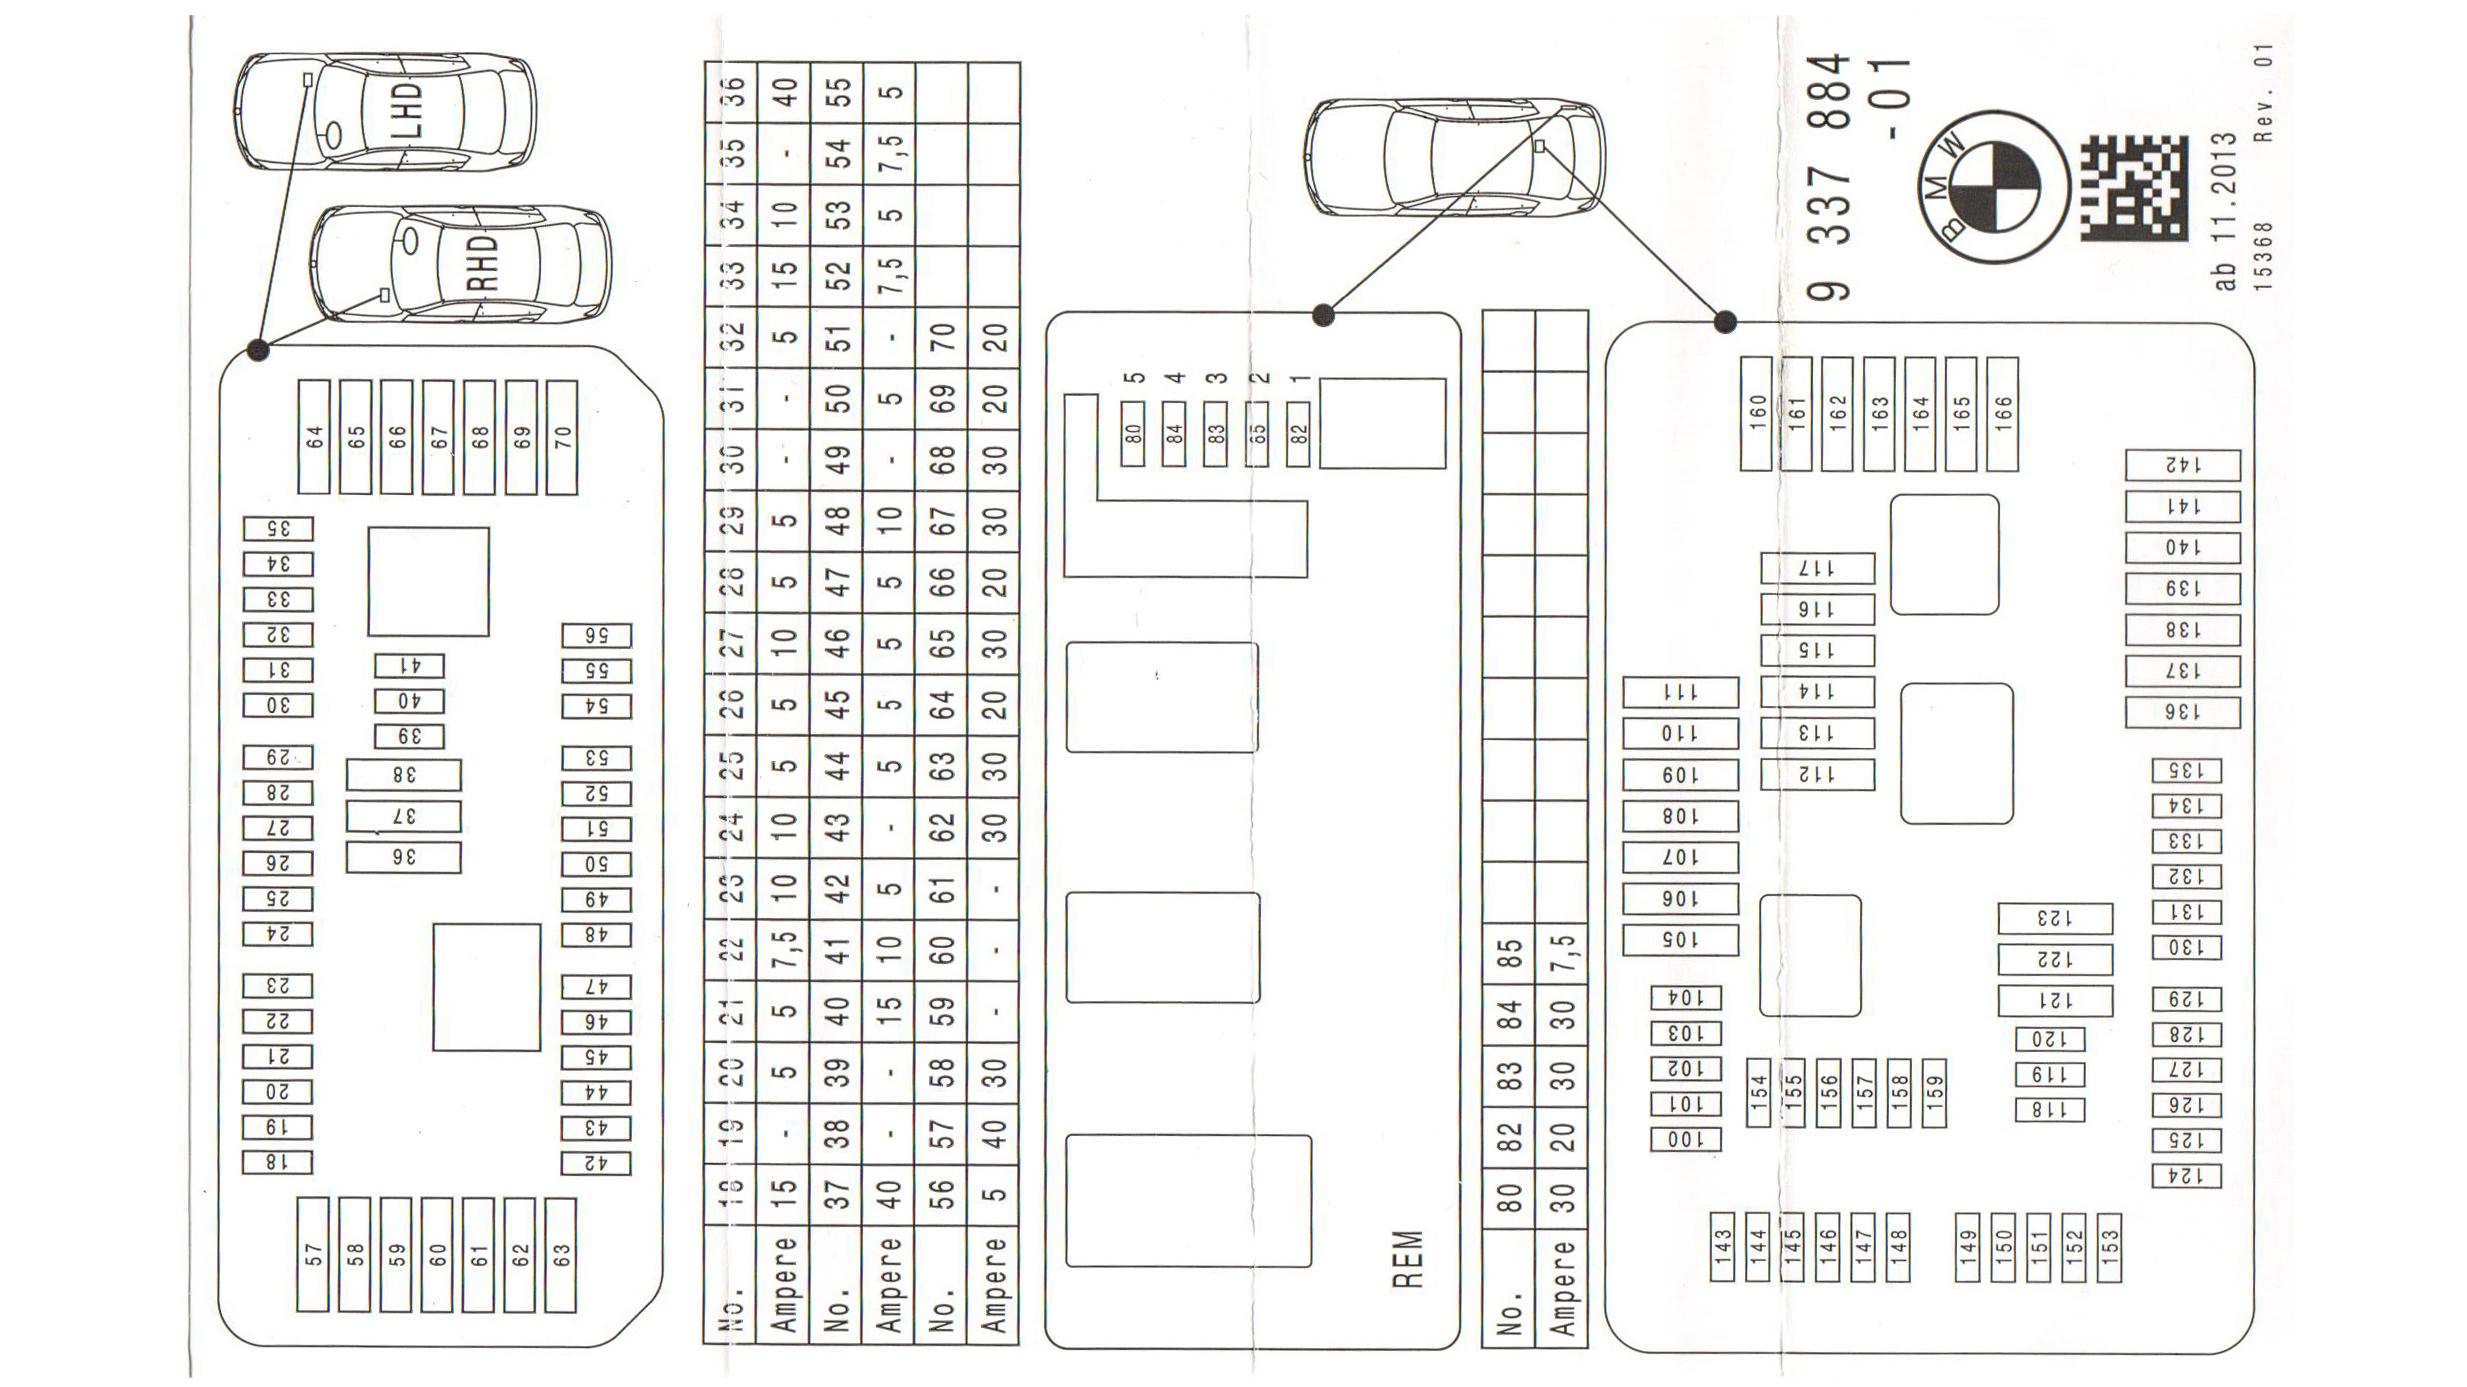 2011-2018 BMW Fuse Box Diagram for F30 3-Series: 330e, 320i, 328i, 330i, 335i, 340i